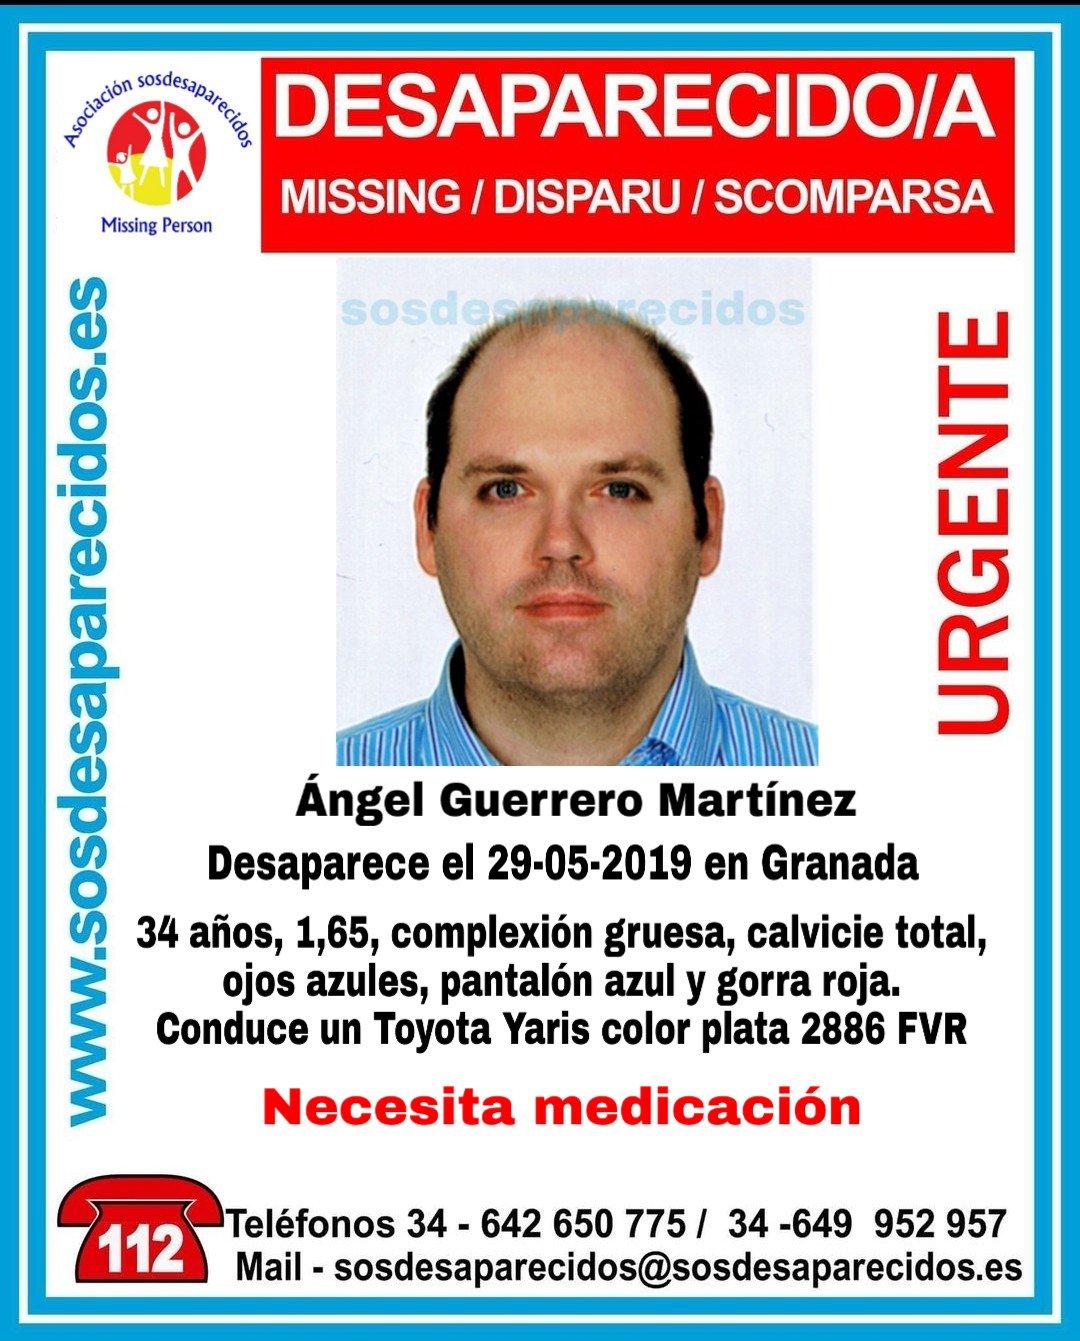 La Policía pide ayuda para encontrar a un hombre desaparecido en Granada